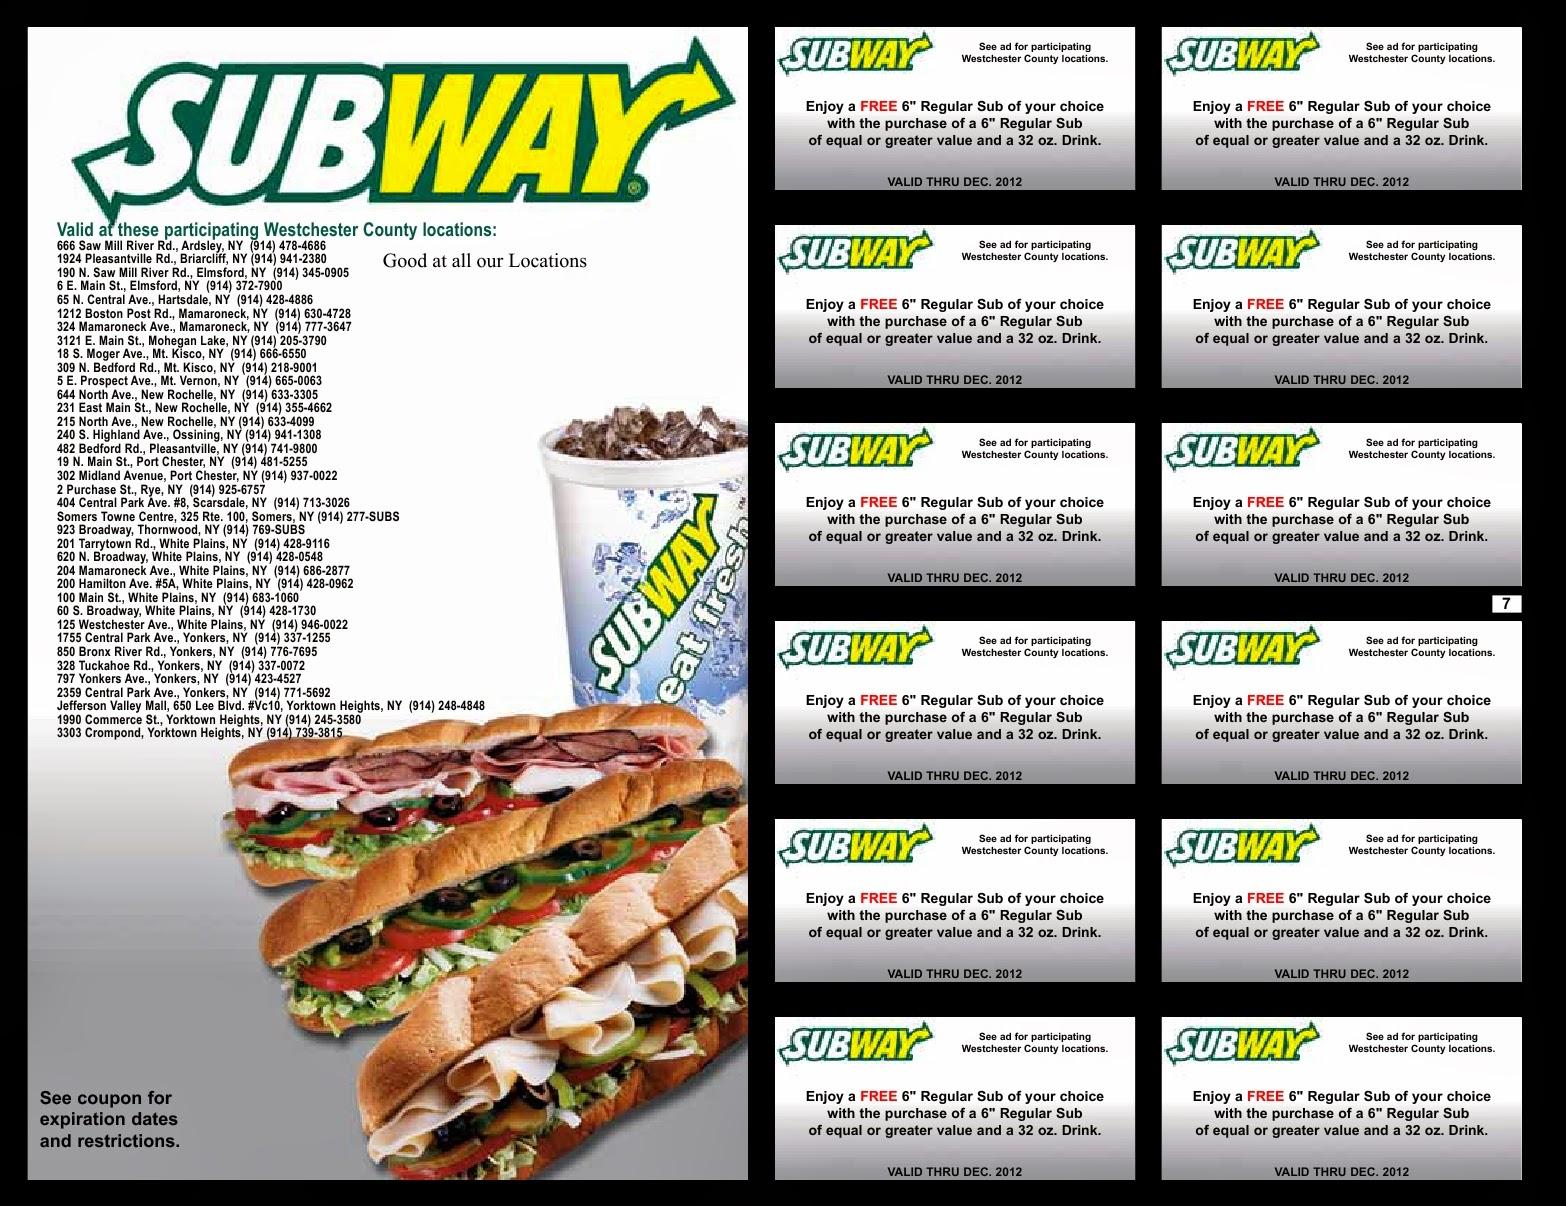 Subway Coupons And Codes Valid New Subway Restaurant (3) - Free Printable Subway Coupons 2017